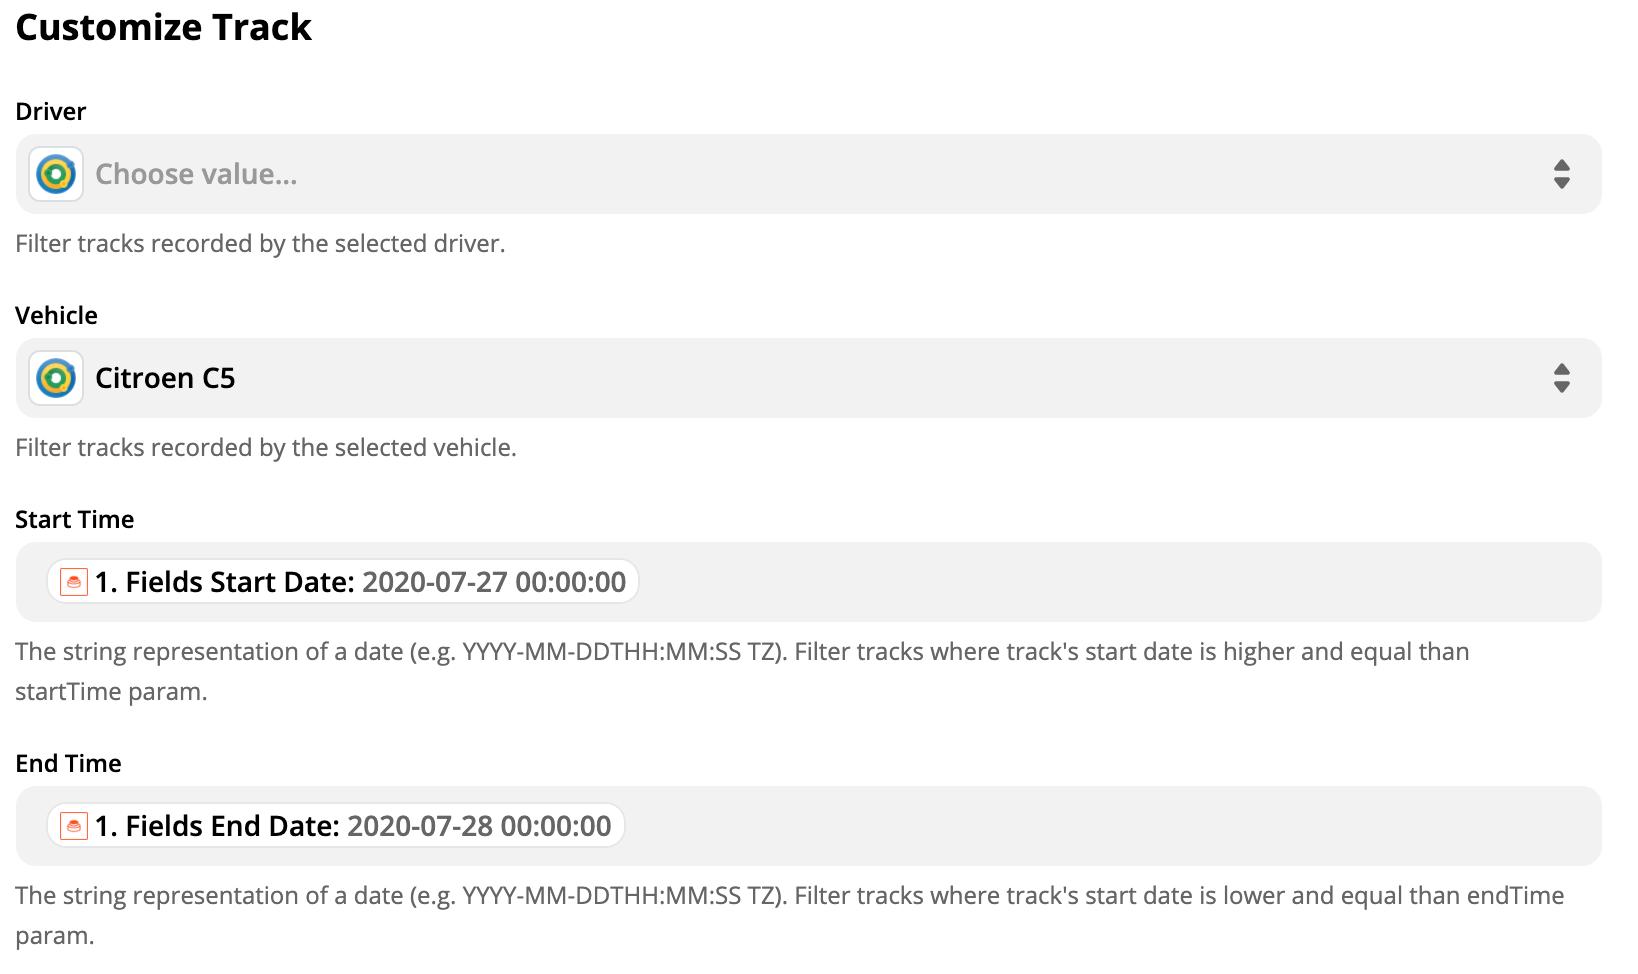 Customize Track Filter setup